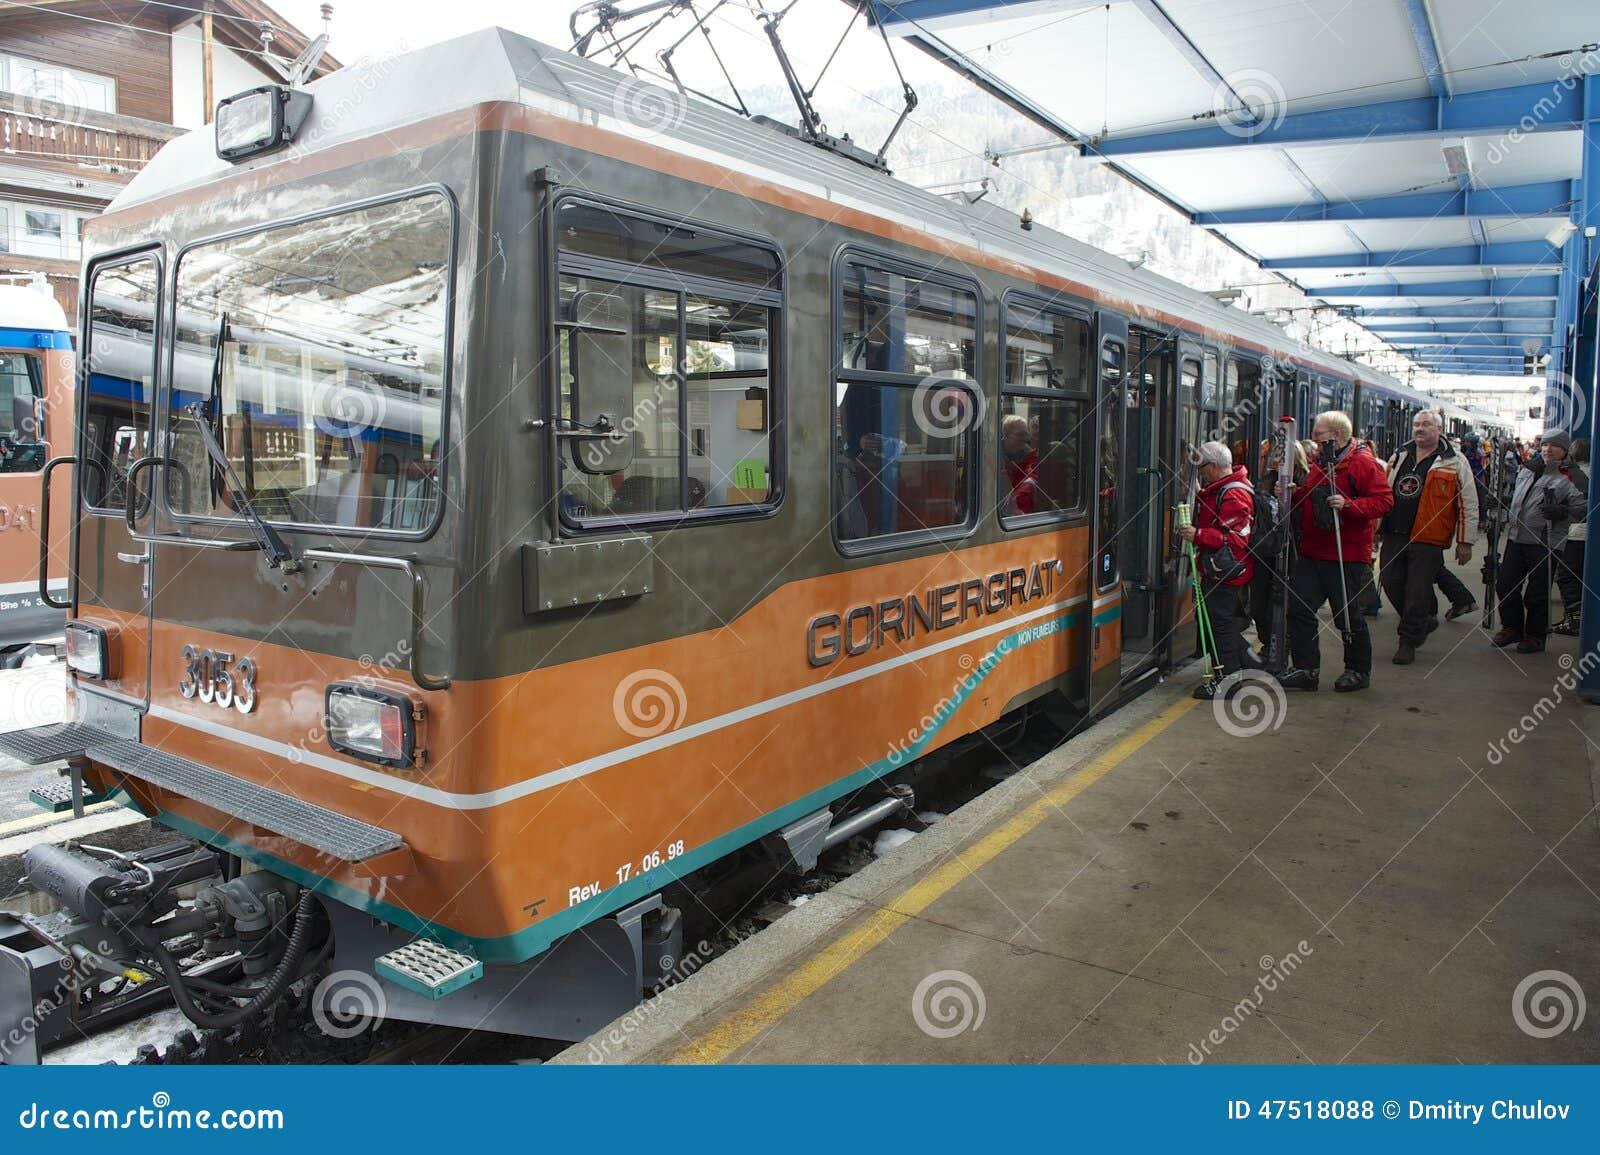 Unidentified skiers embark Gornergrat train at Zermatt station, Switzerzland.